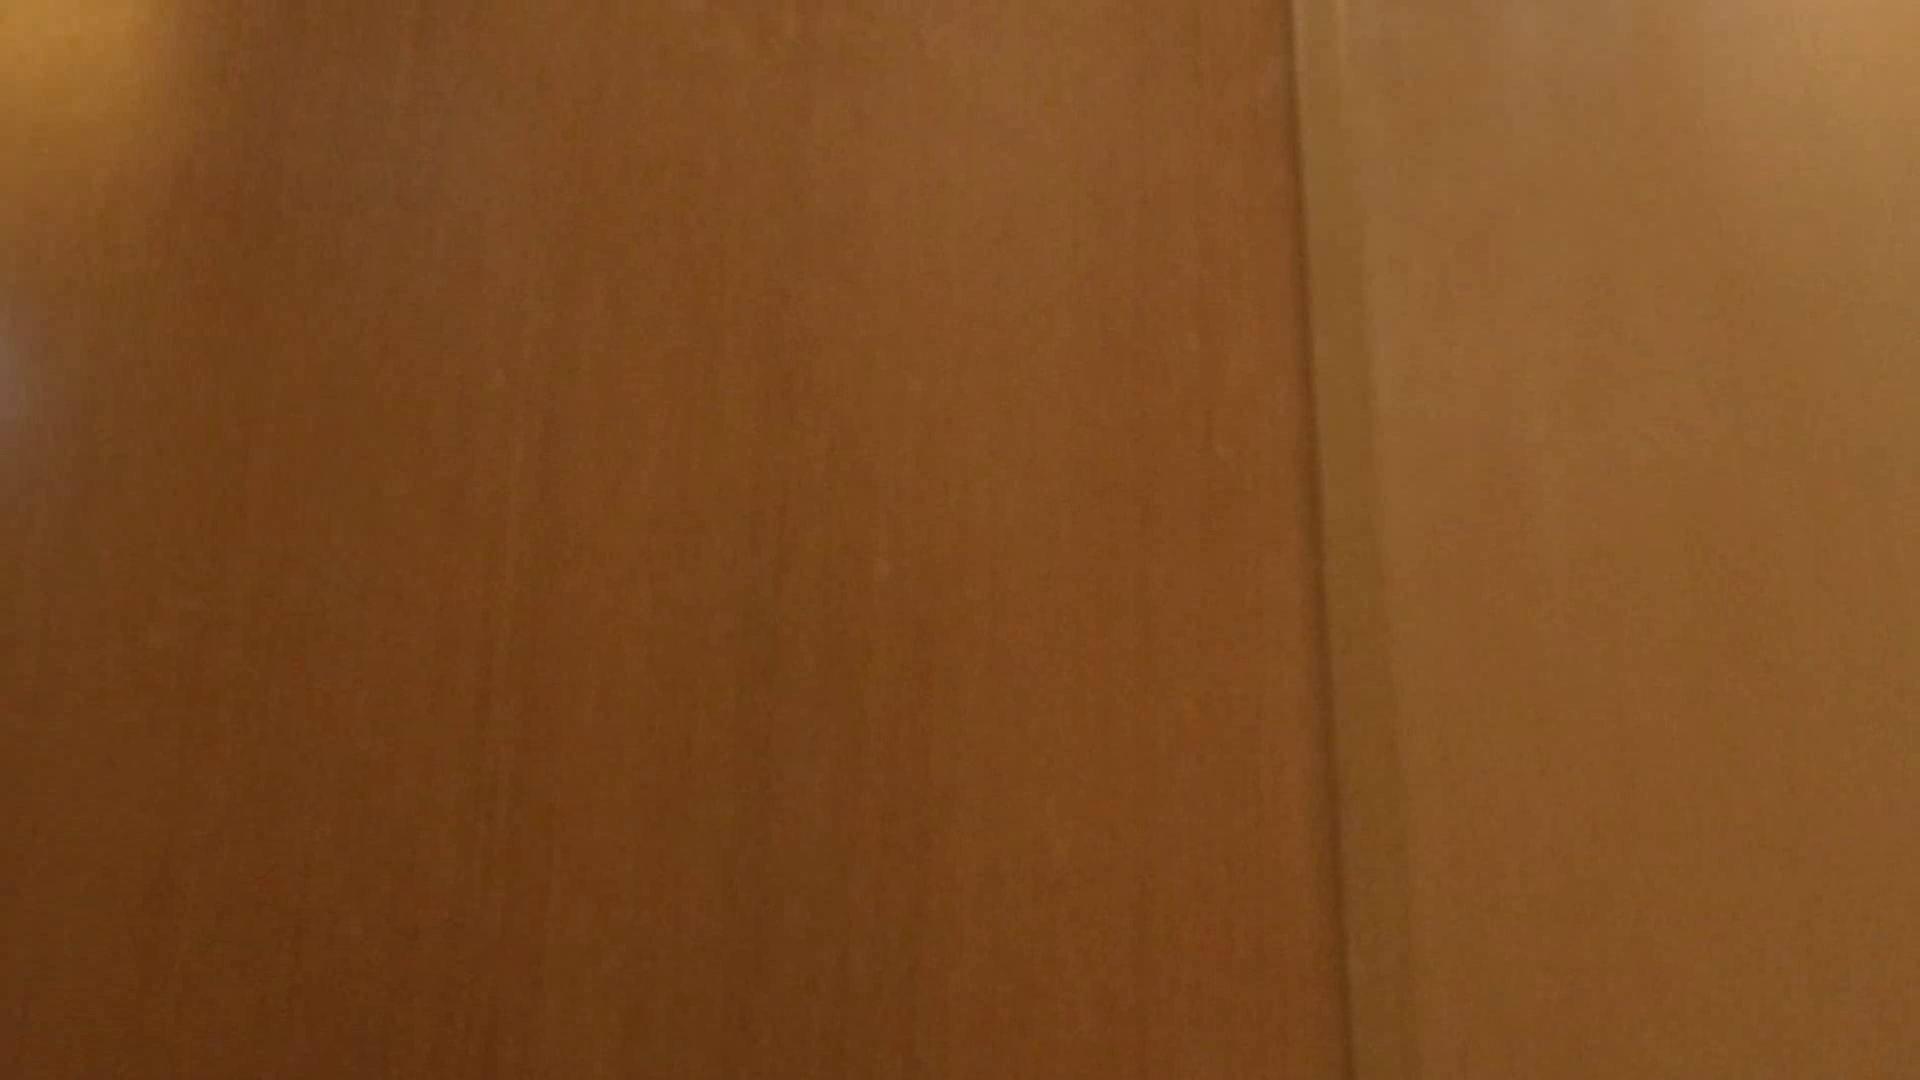 「噂」の国の厠観察日記2 Vol.02 人気シリーズ AV無料動画キャプチャ 96枚 95